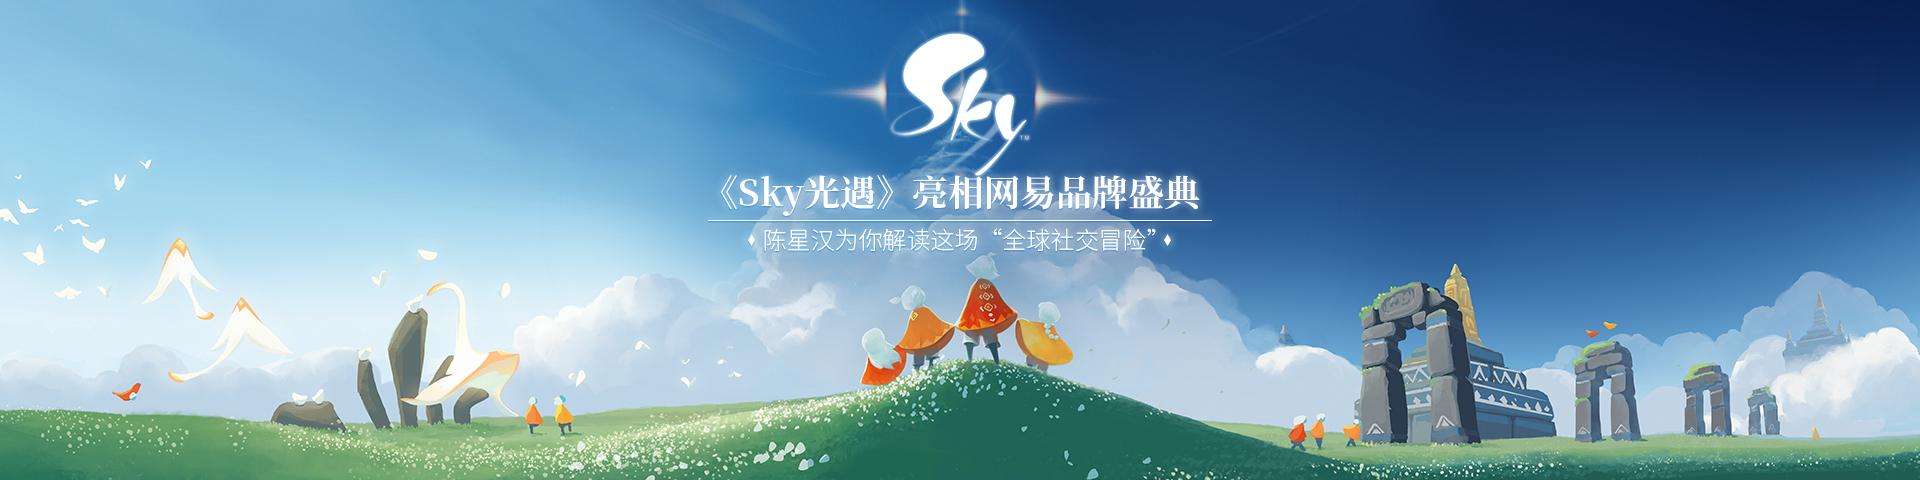 """《Sky光遇》亮相网易品牌盛典:陈星汉为你解读这场""""全球社交冒险体验"""""""